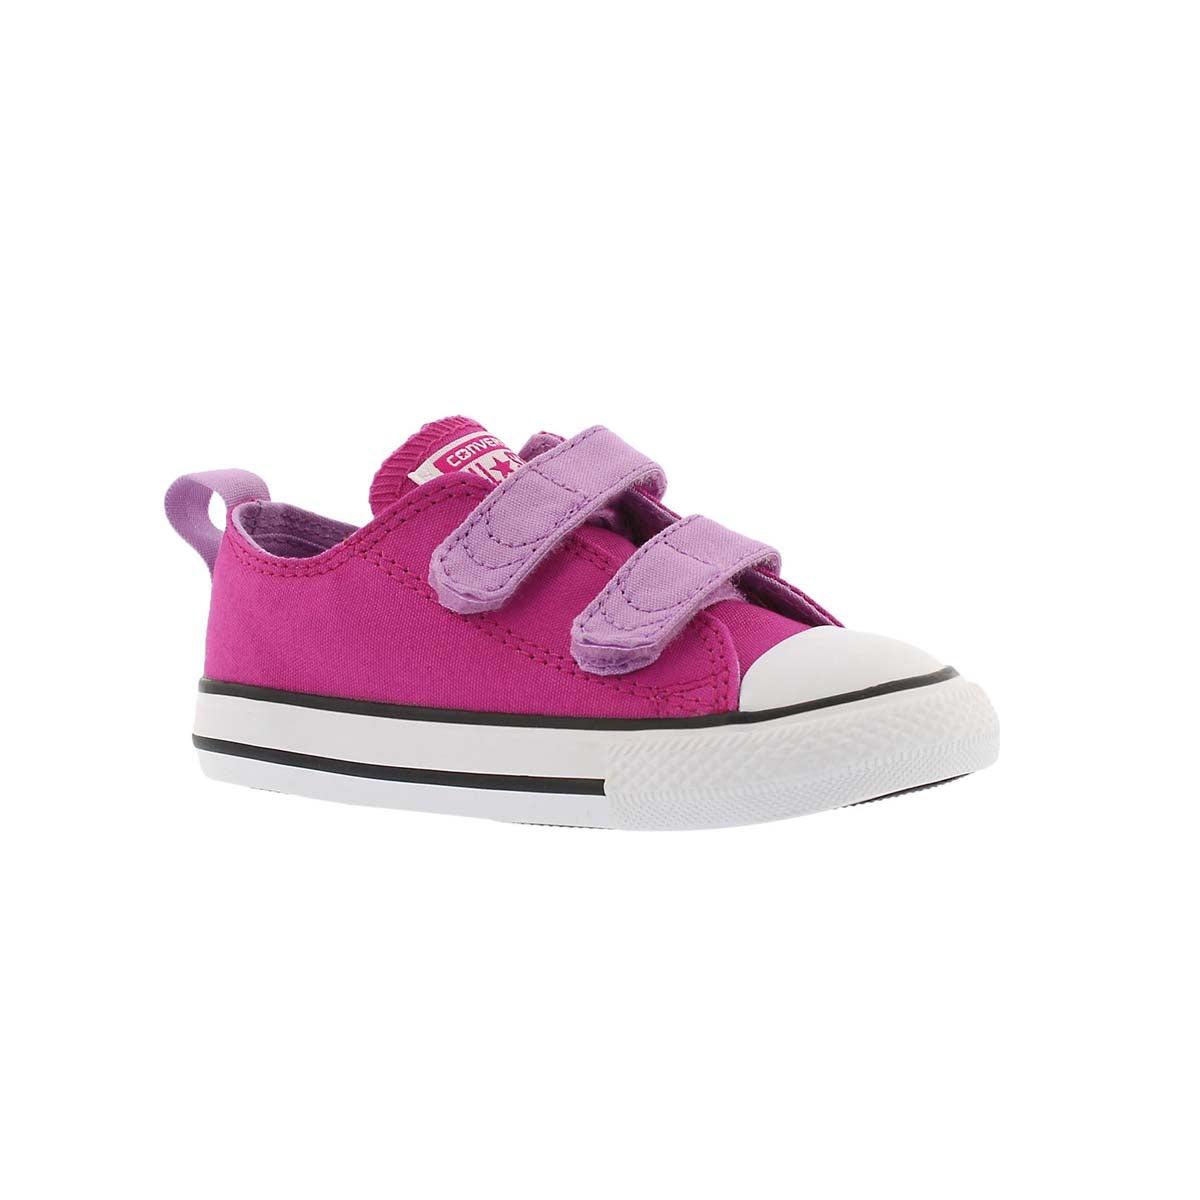 Infants' CT ALL STAR 2V magneta/fuschia sneakers